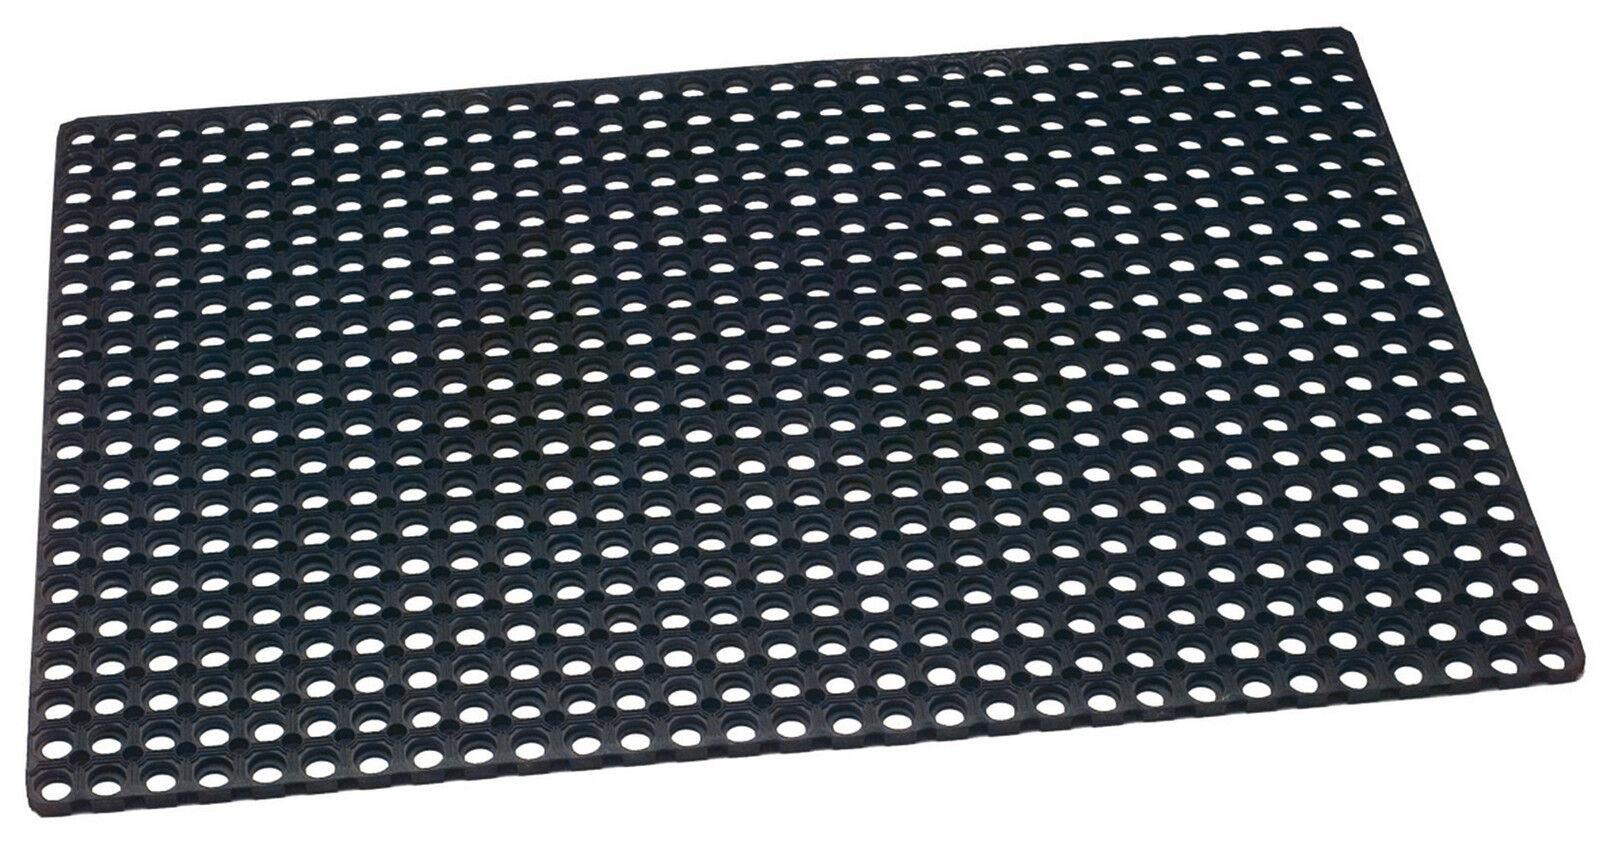 Piazza Effepi - Tappeto antiscivolo 100 x 150 cm Non slip matting